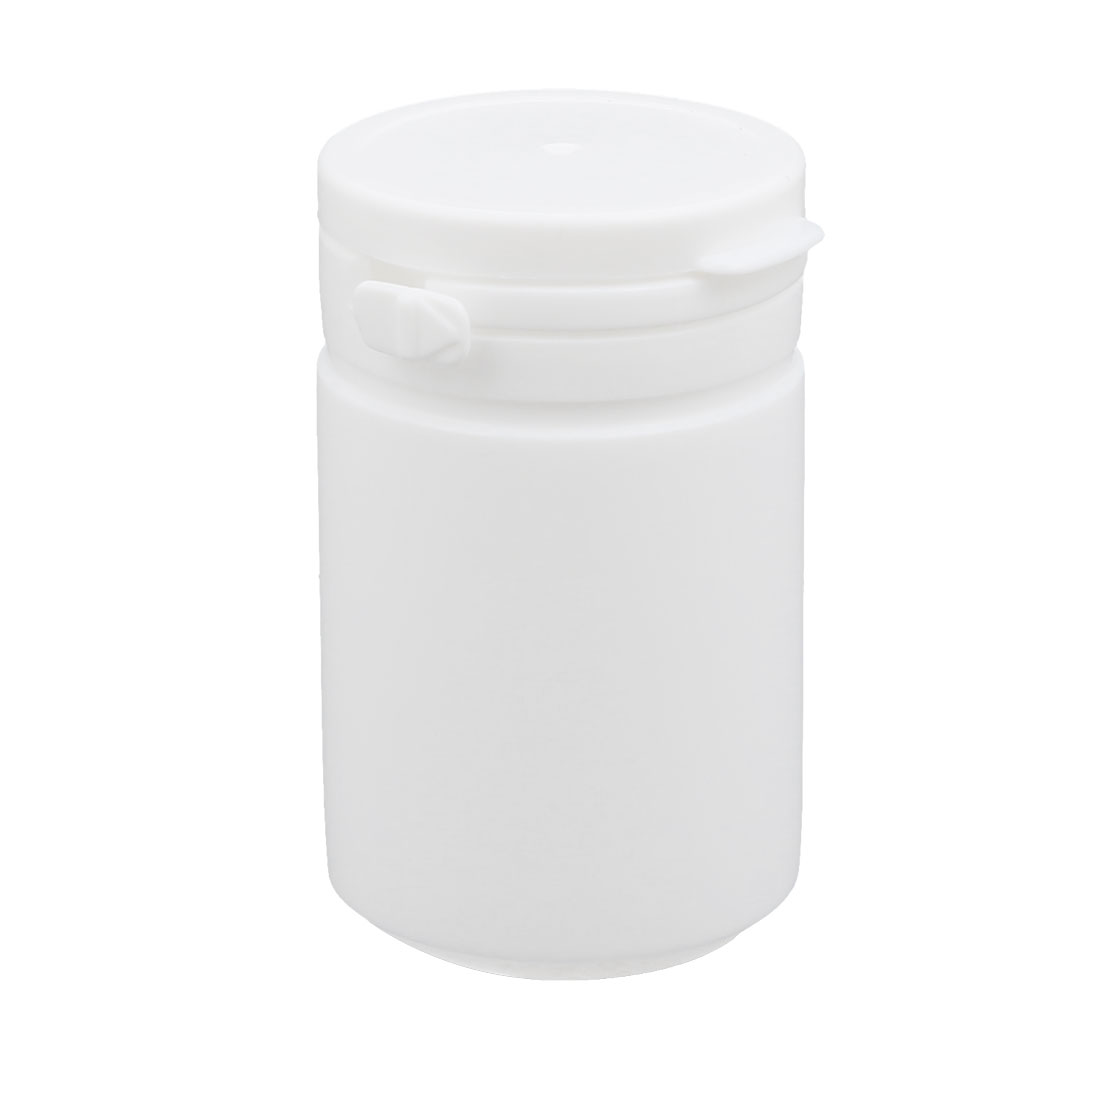 60ml Plastic White Round Solid Powder Bottle Storage Container Jar